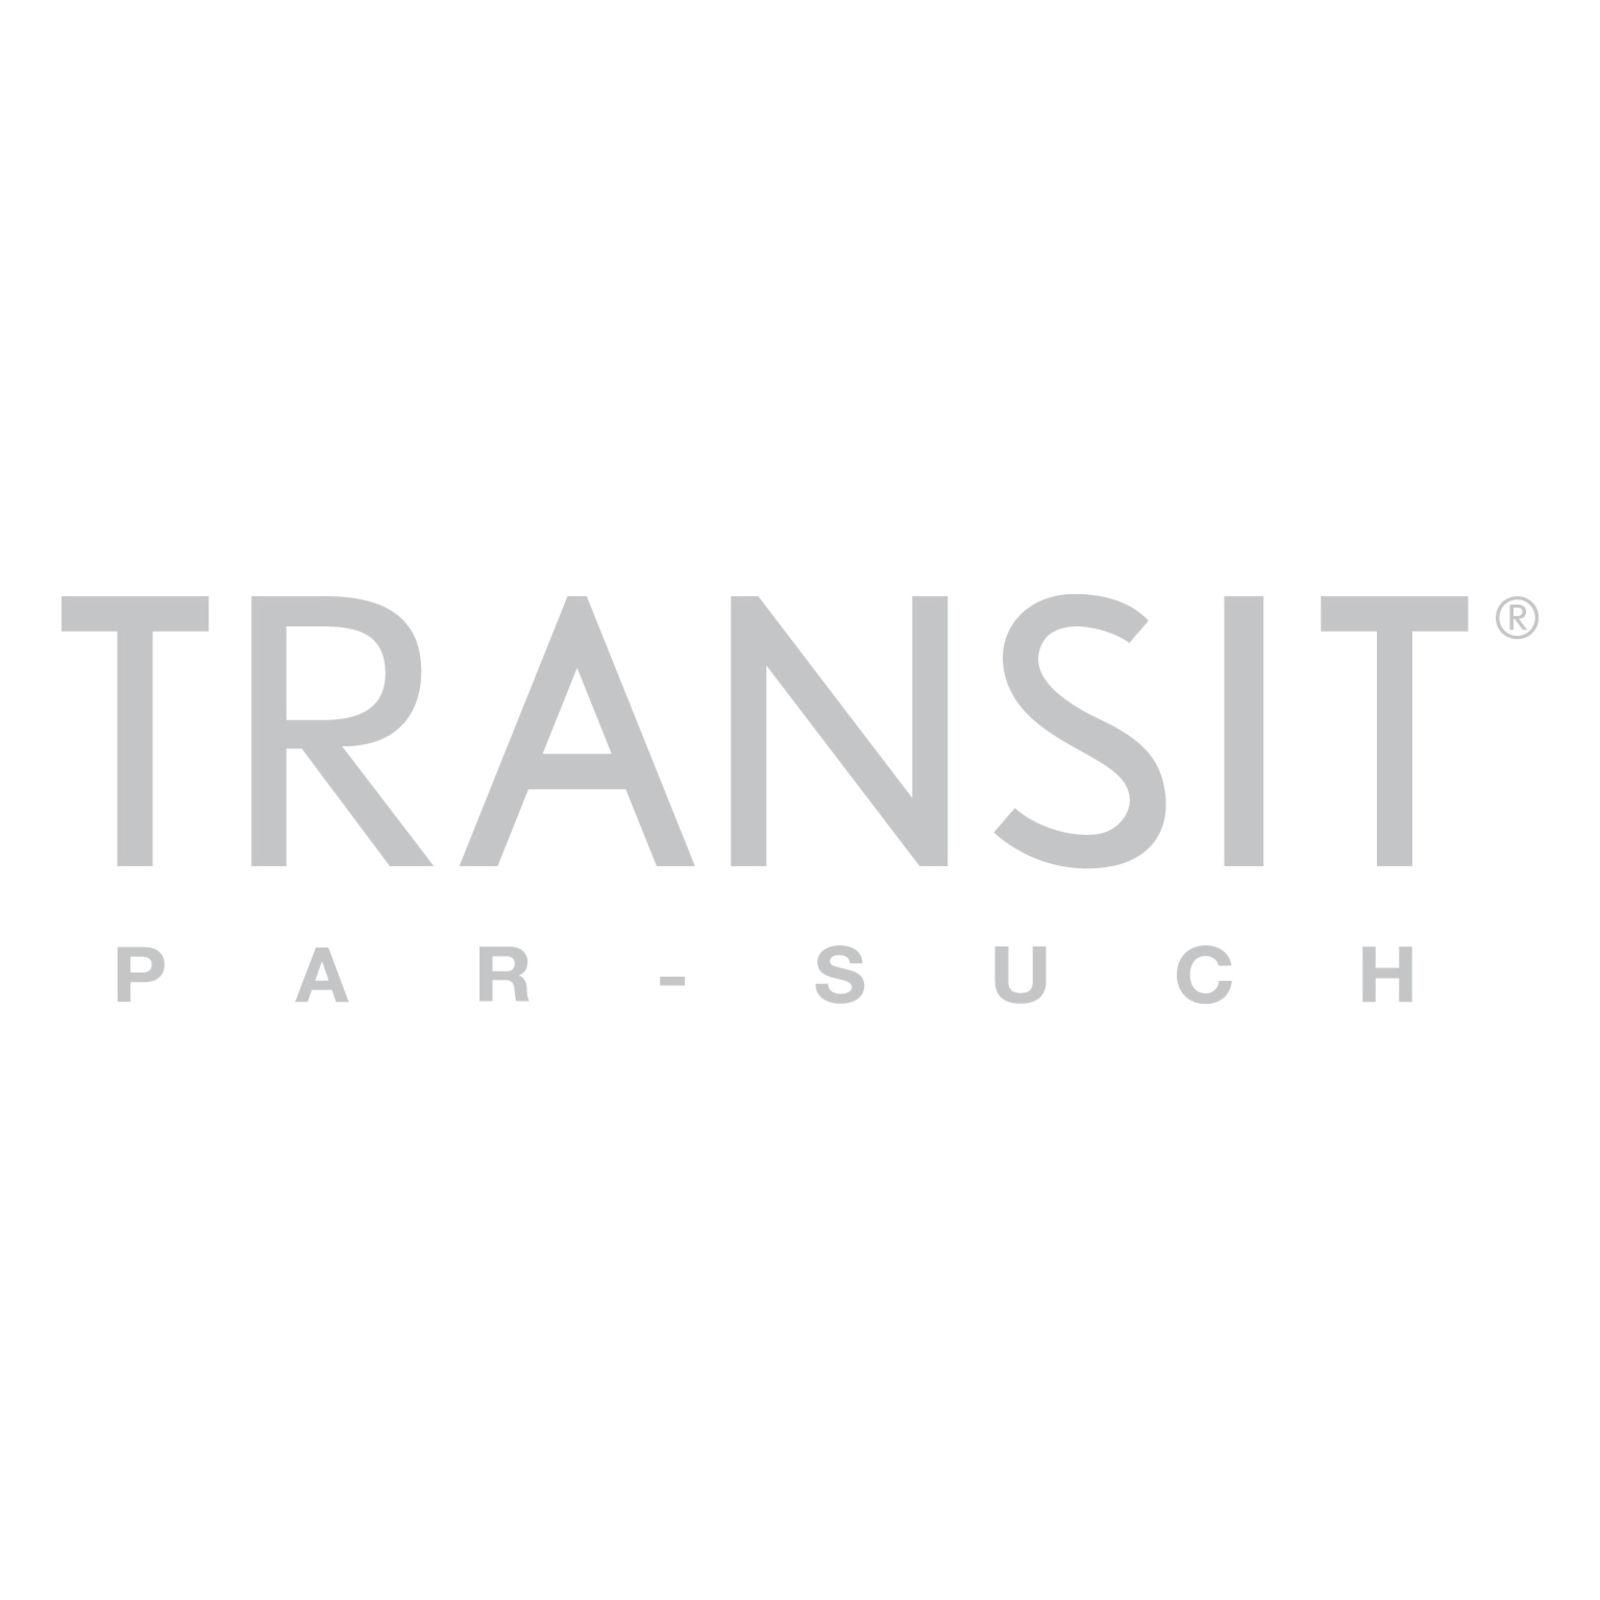 TRANSIT PAR - SUCH